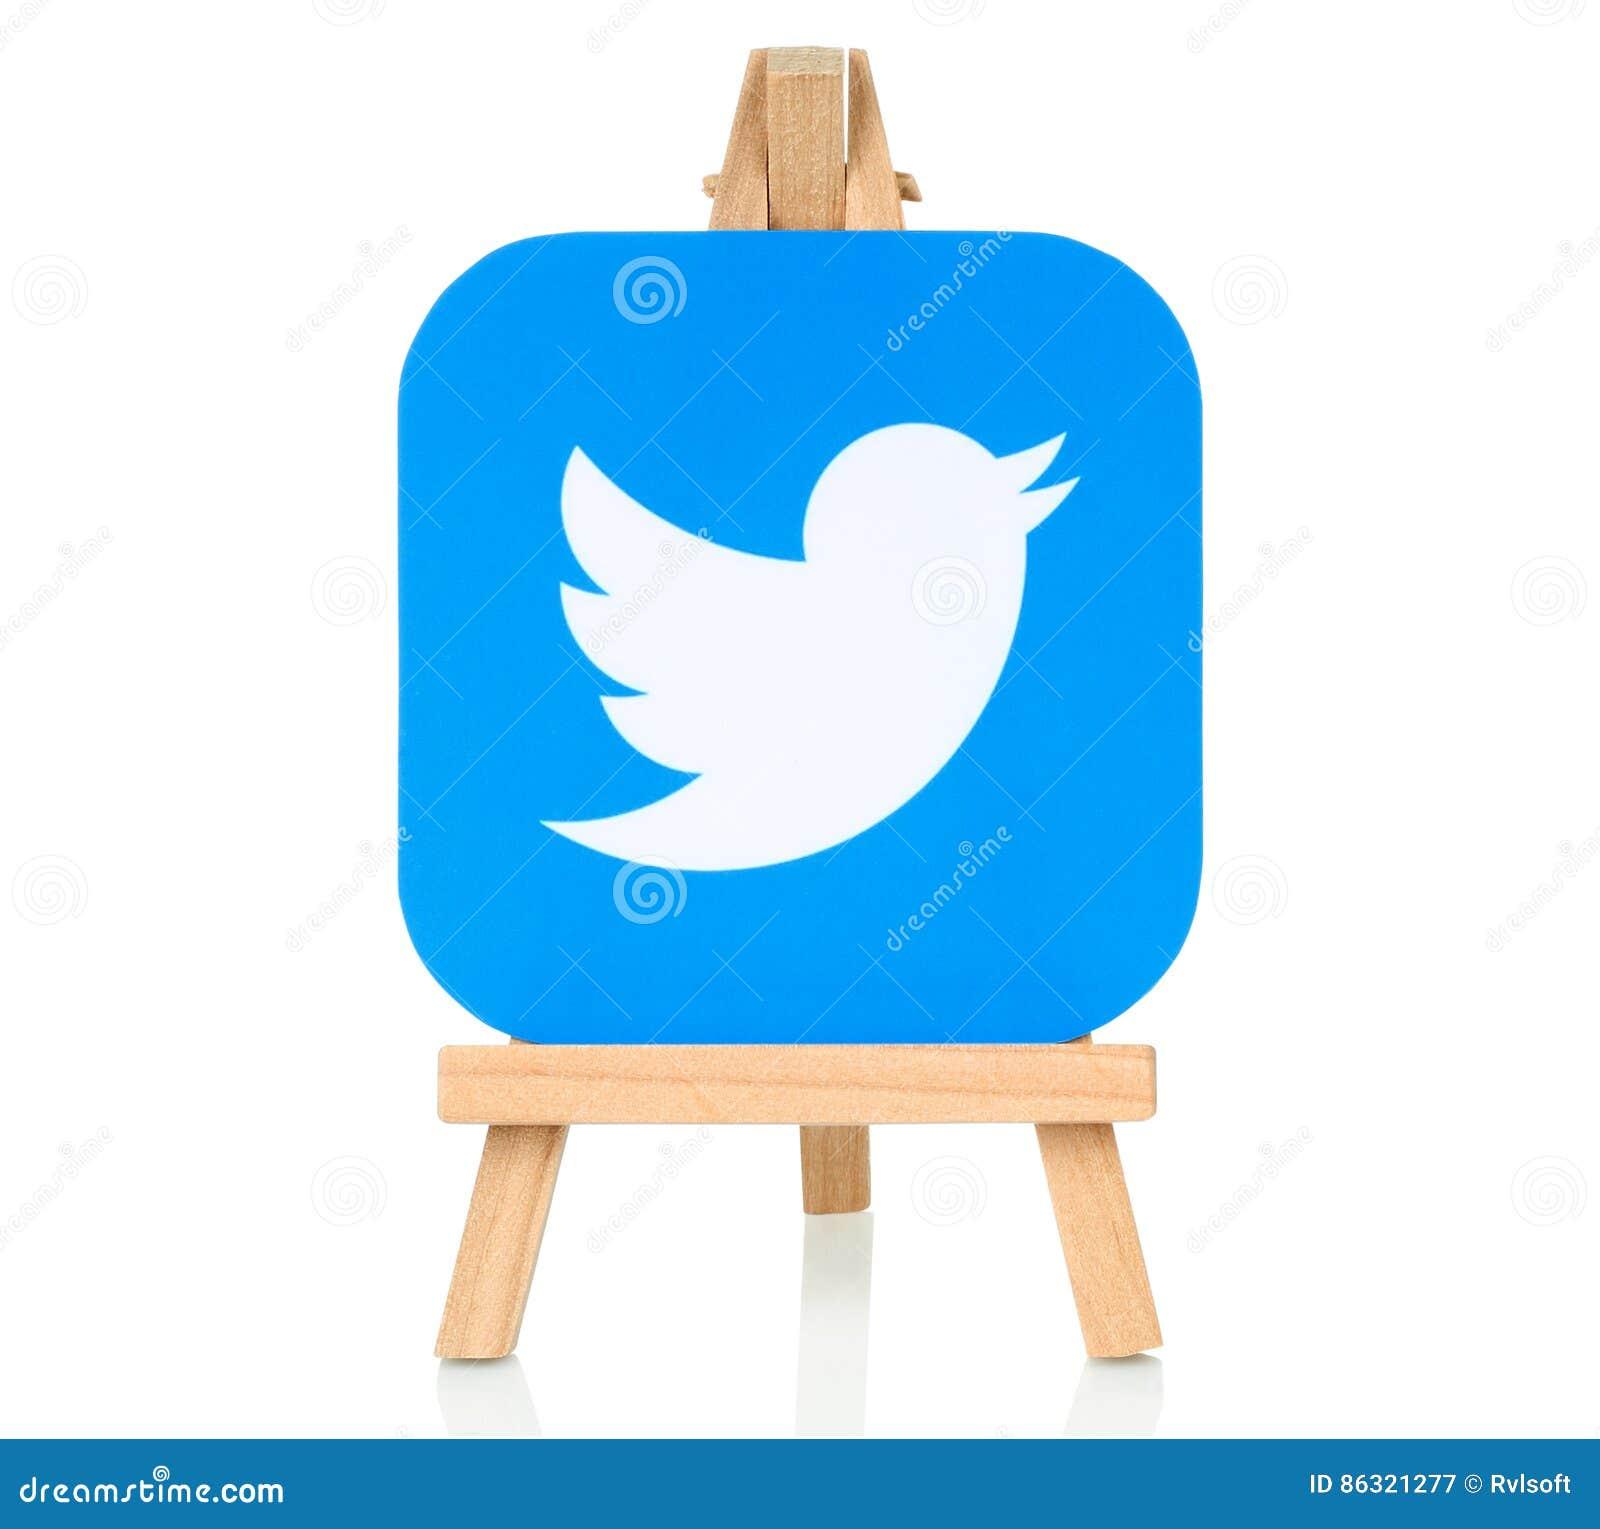 Logotipo de Twitter puesto en el caballete de madera